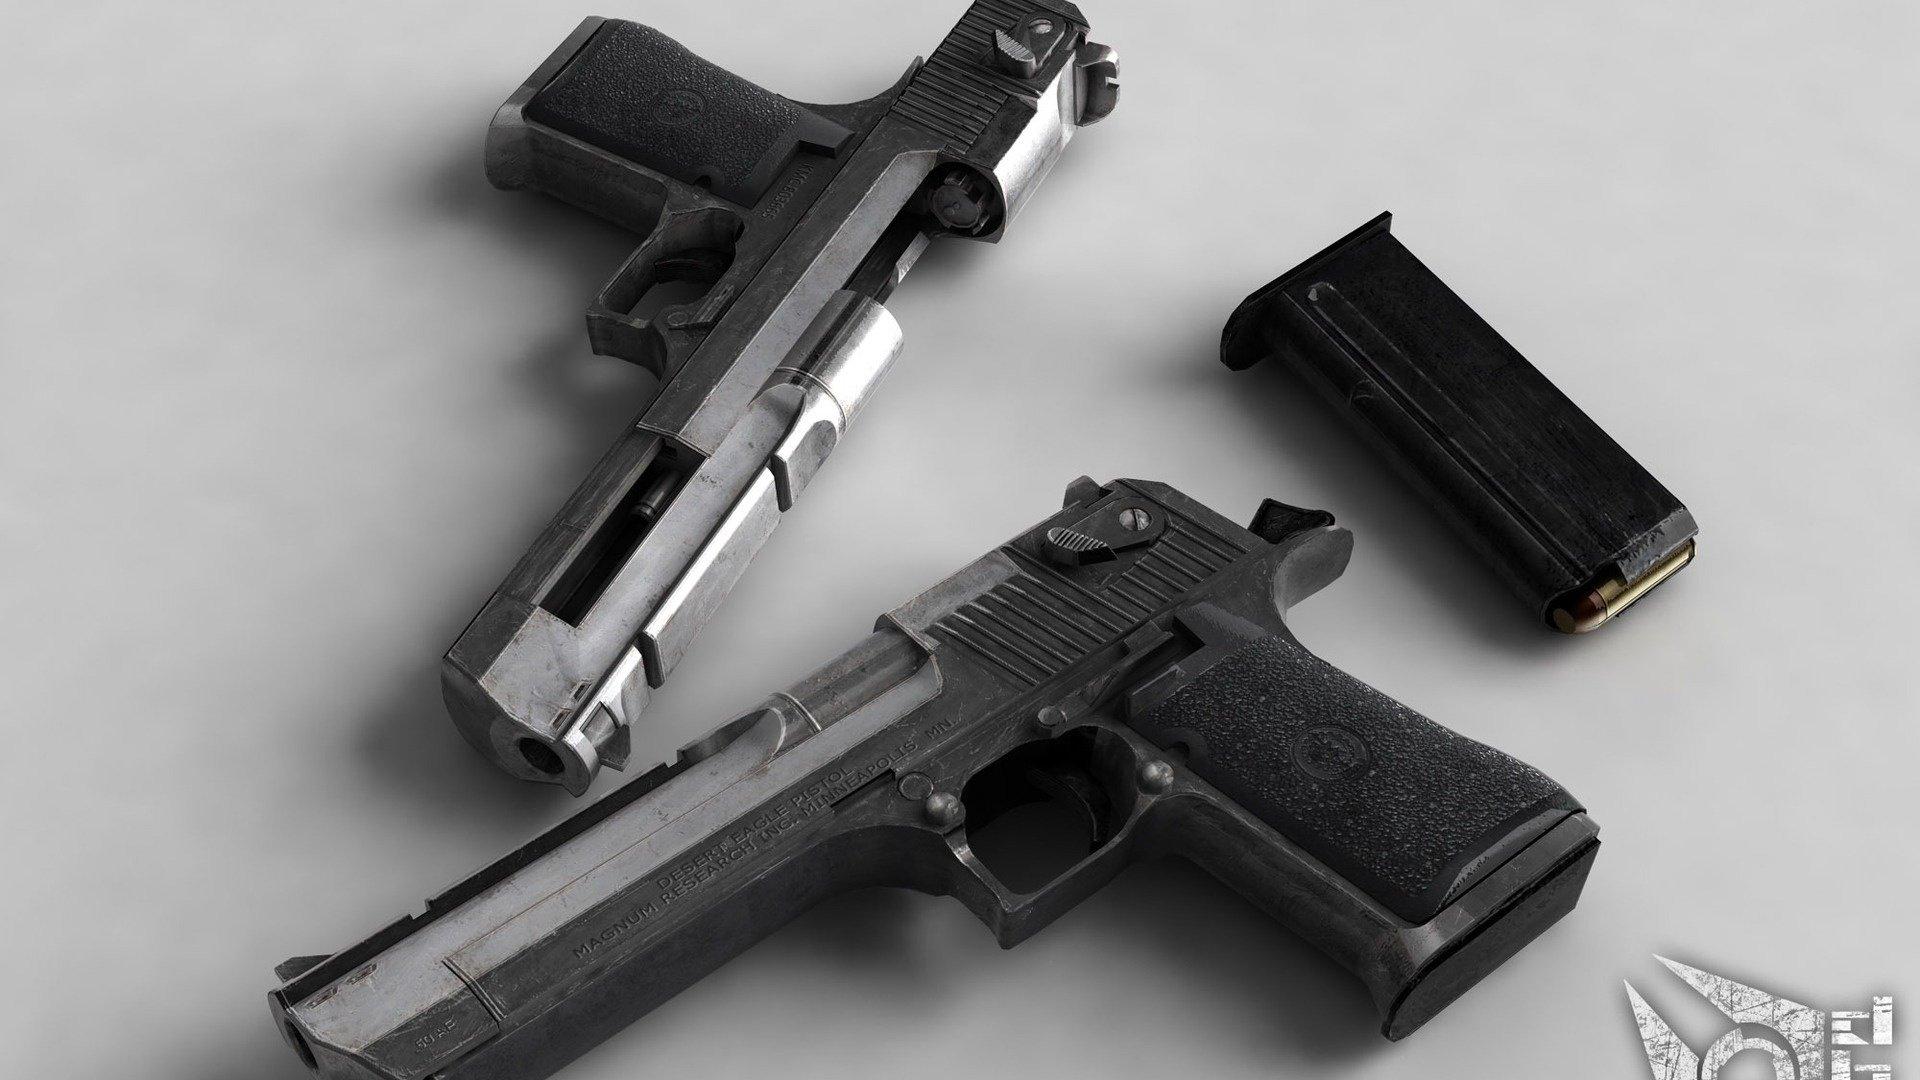 Desert Eagle Weapon Gun Pistol Wallpaper 1920x1080 281661 Wallpaperup